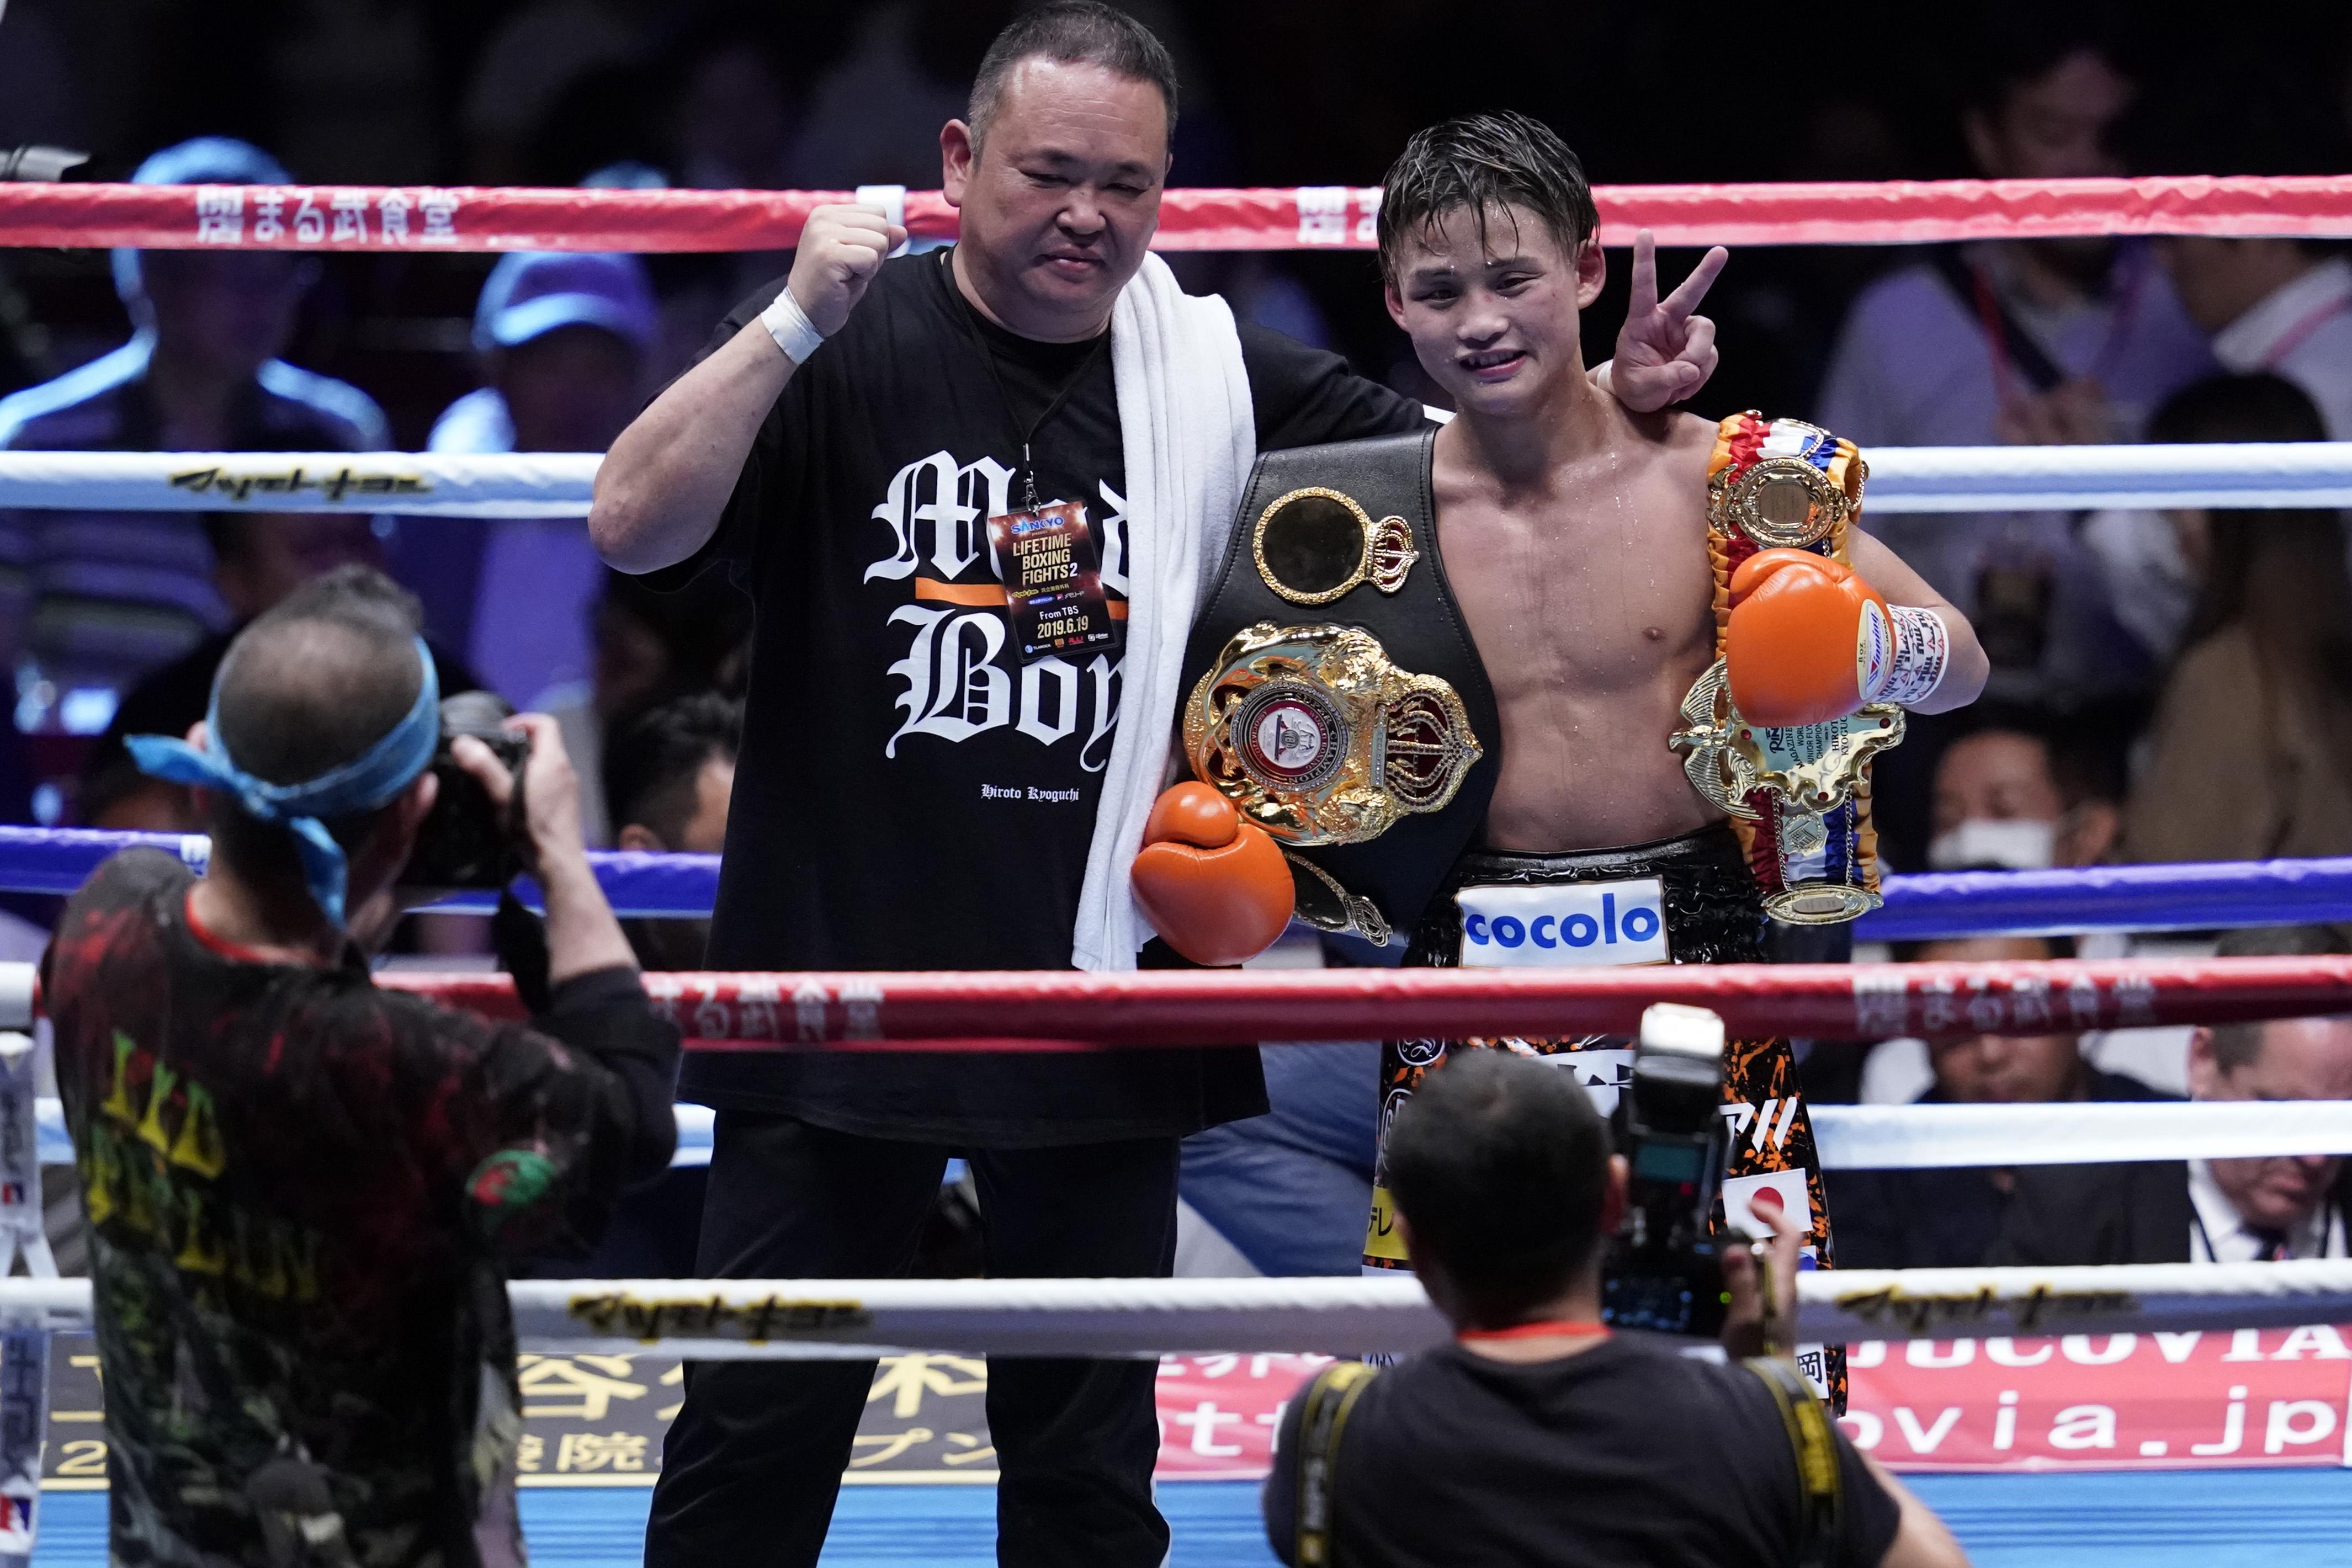 Hiroto Kyoguchi v Tanawat Nakoon - WBA Super Light Flyweight Title Bout